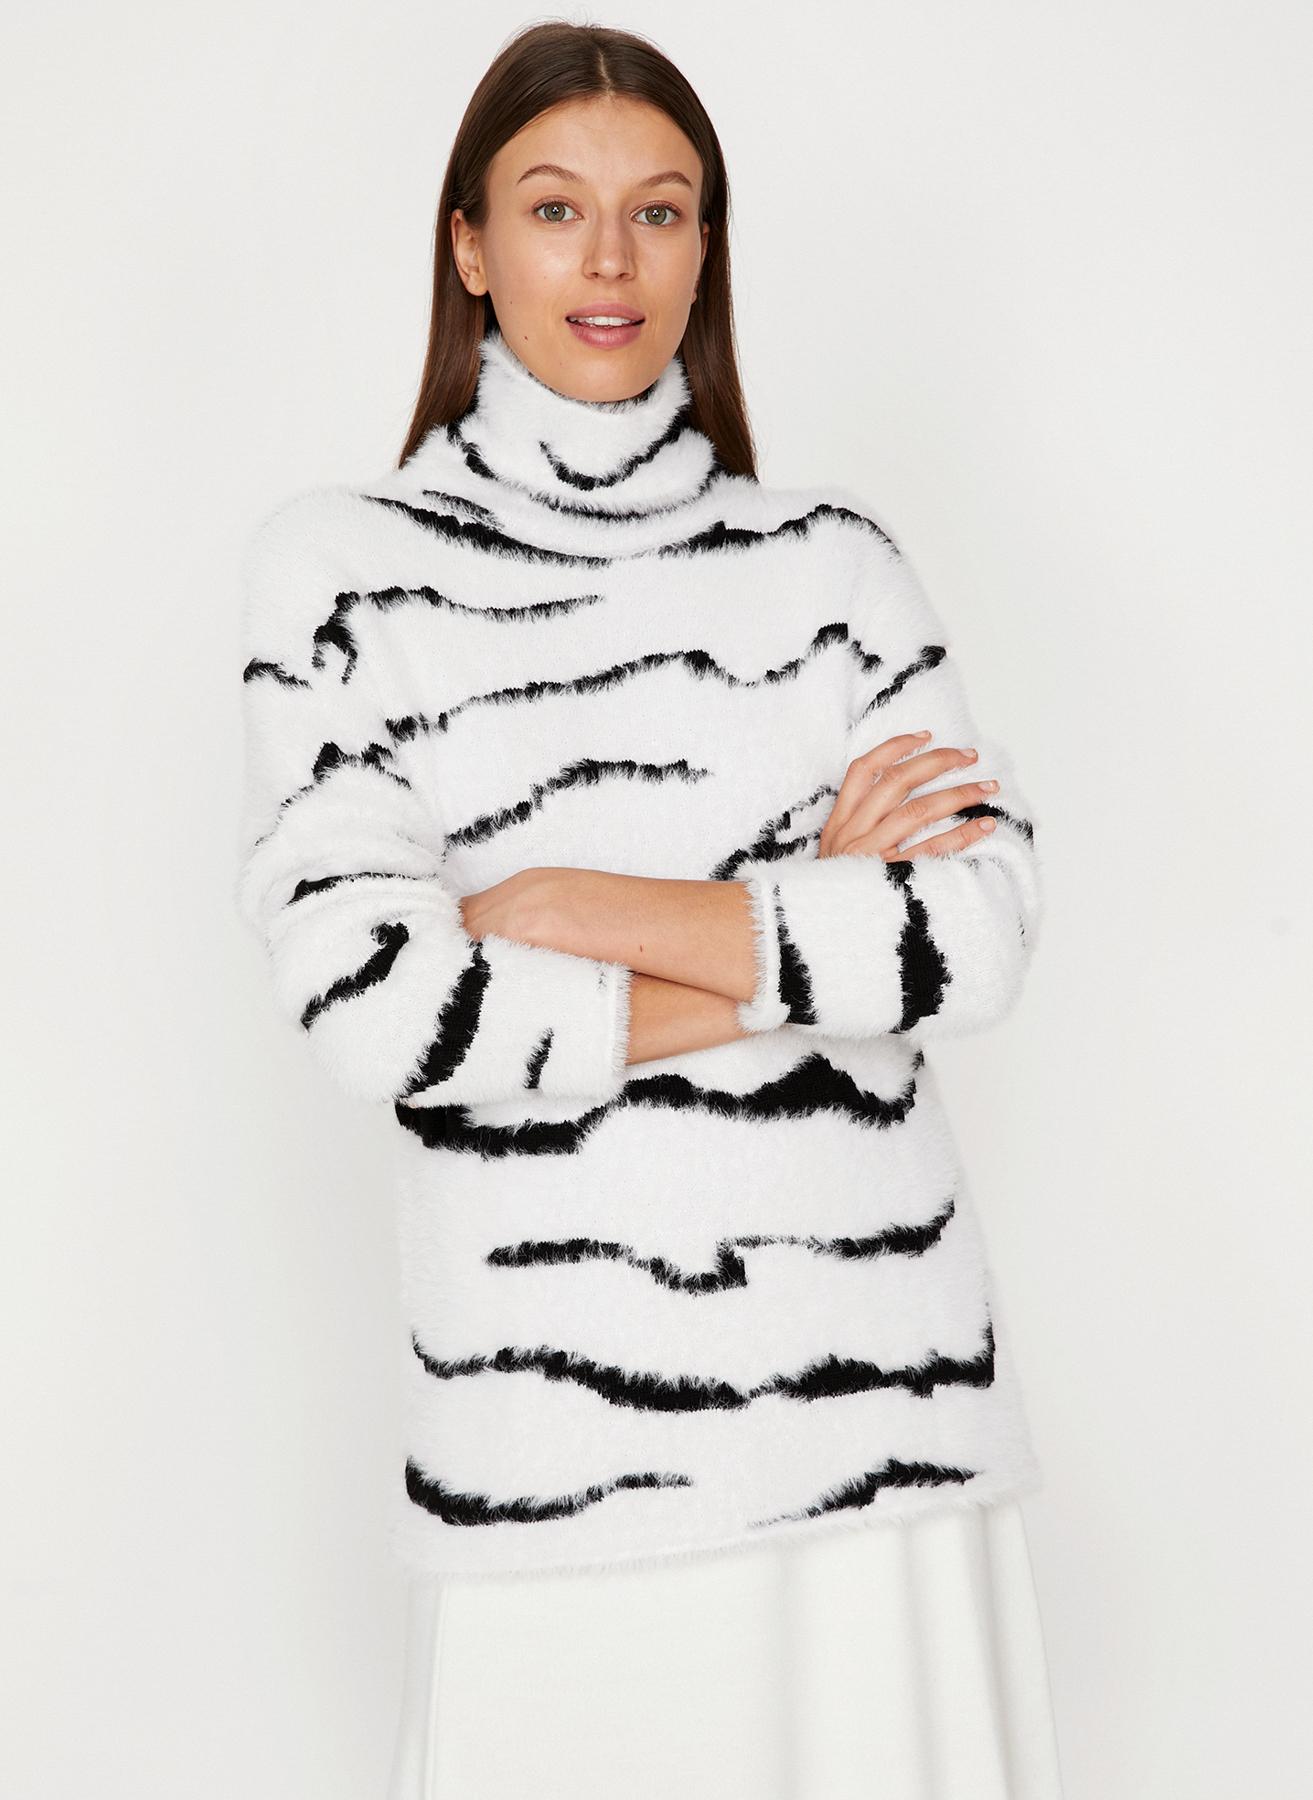 Koton Balıkçı Yaka Zebra Desenli Siyah-Beyaz Kazak M 5001701898002 Ürün Resmi